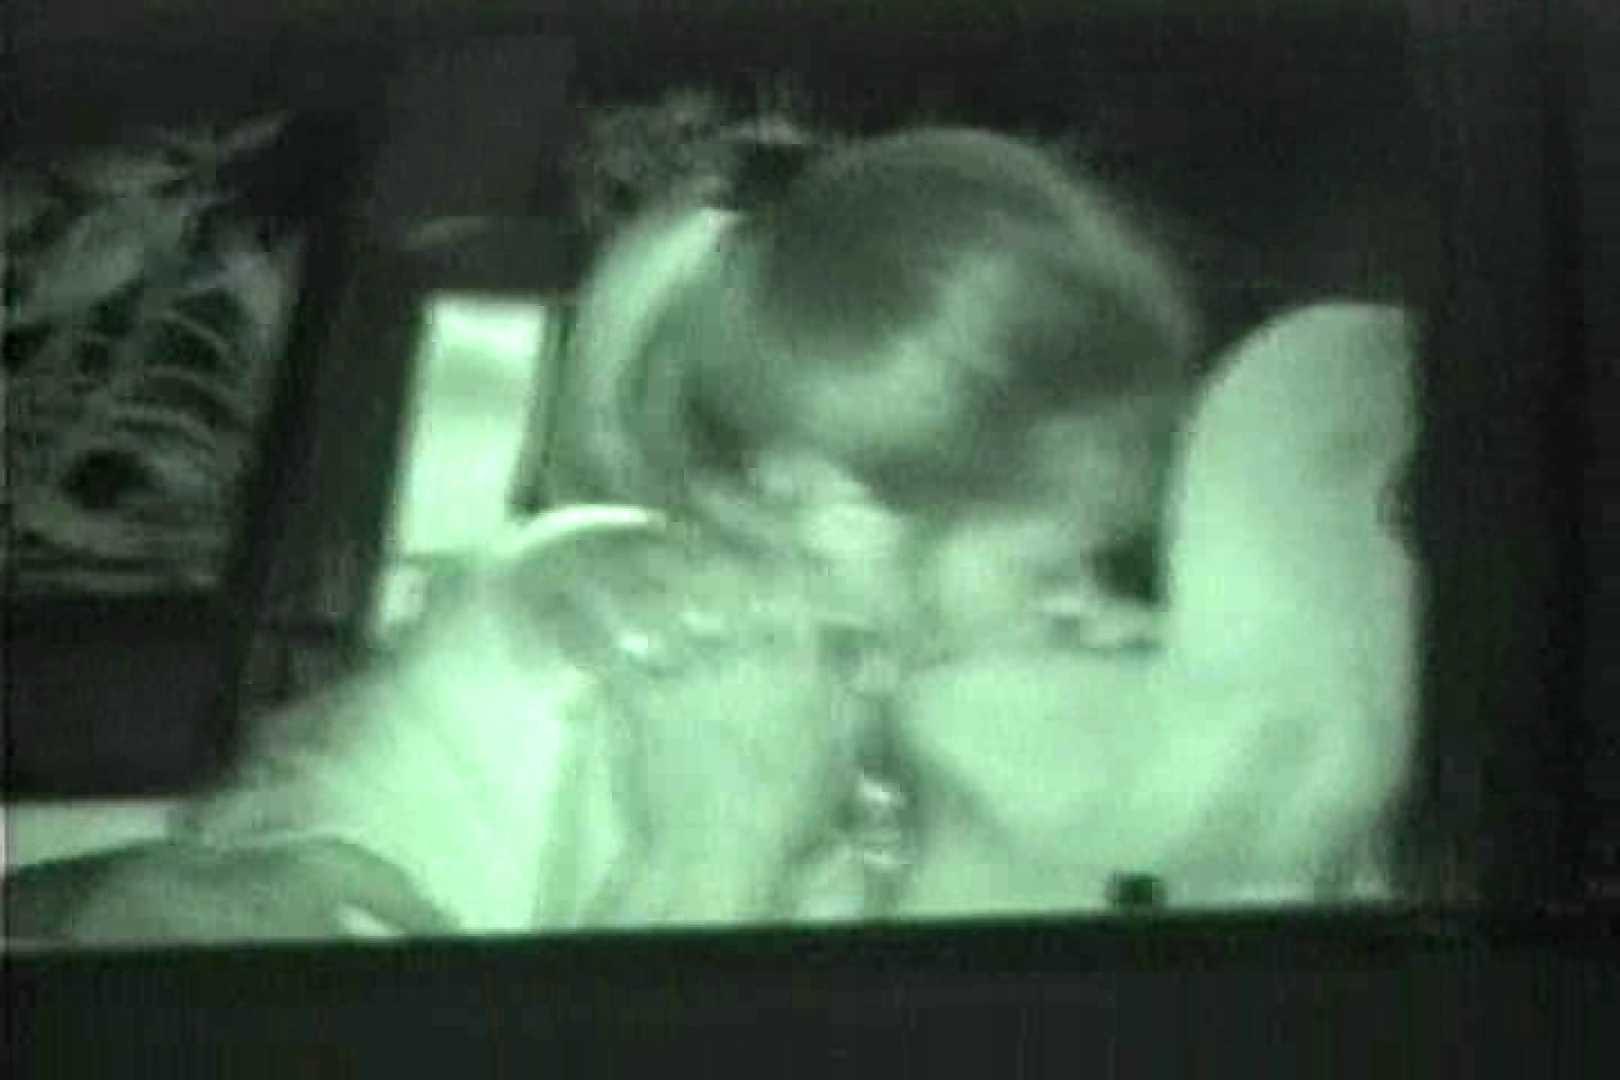 車の中はラブホテル 無修正版  Vol.9 ラブホテル 盗撮画像 60画像 35